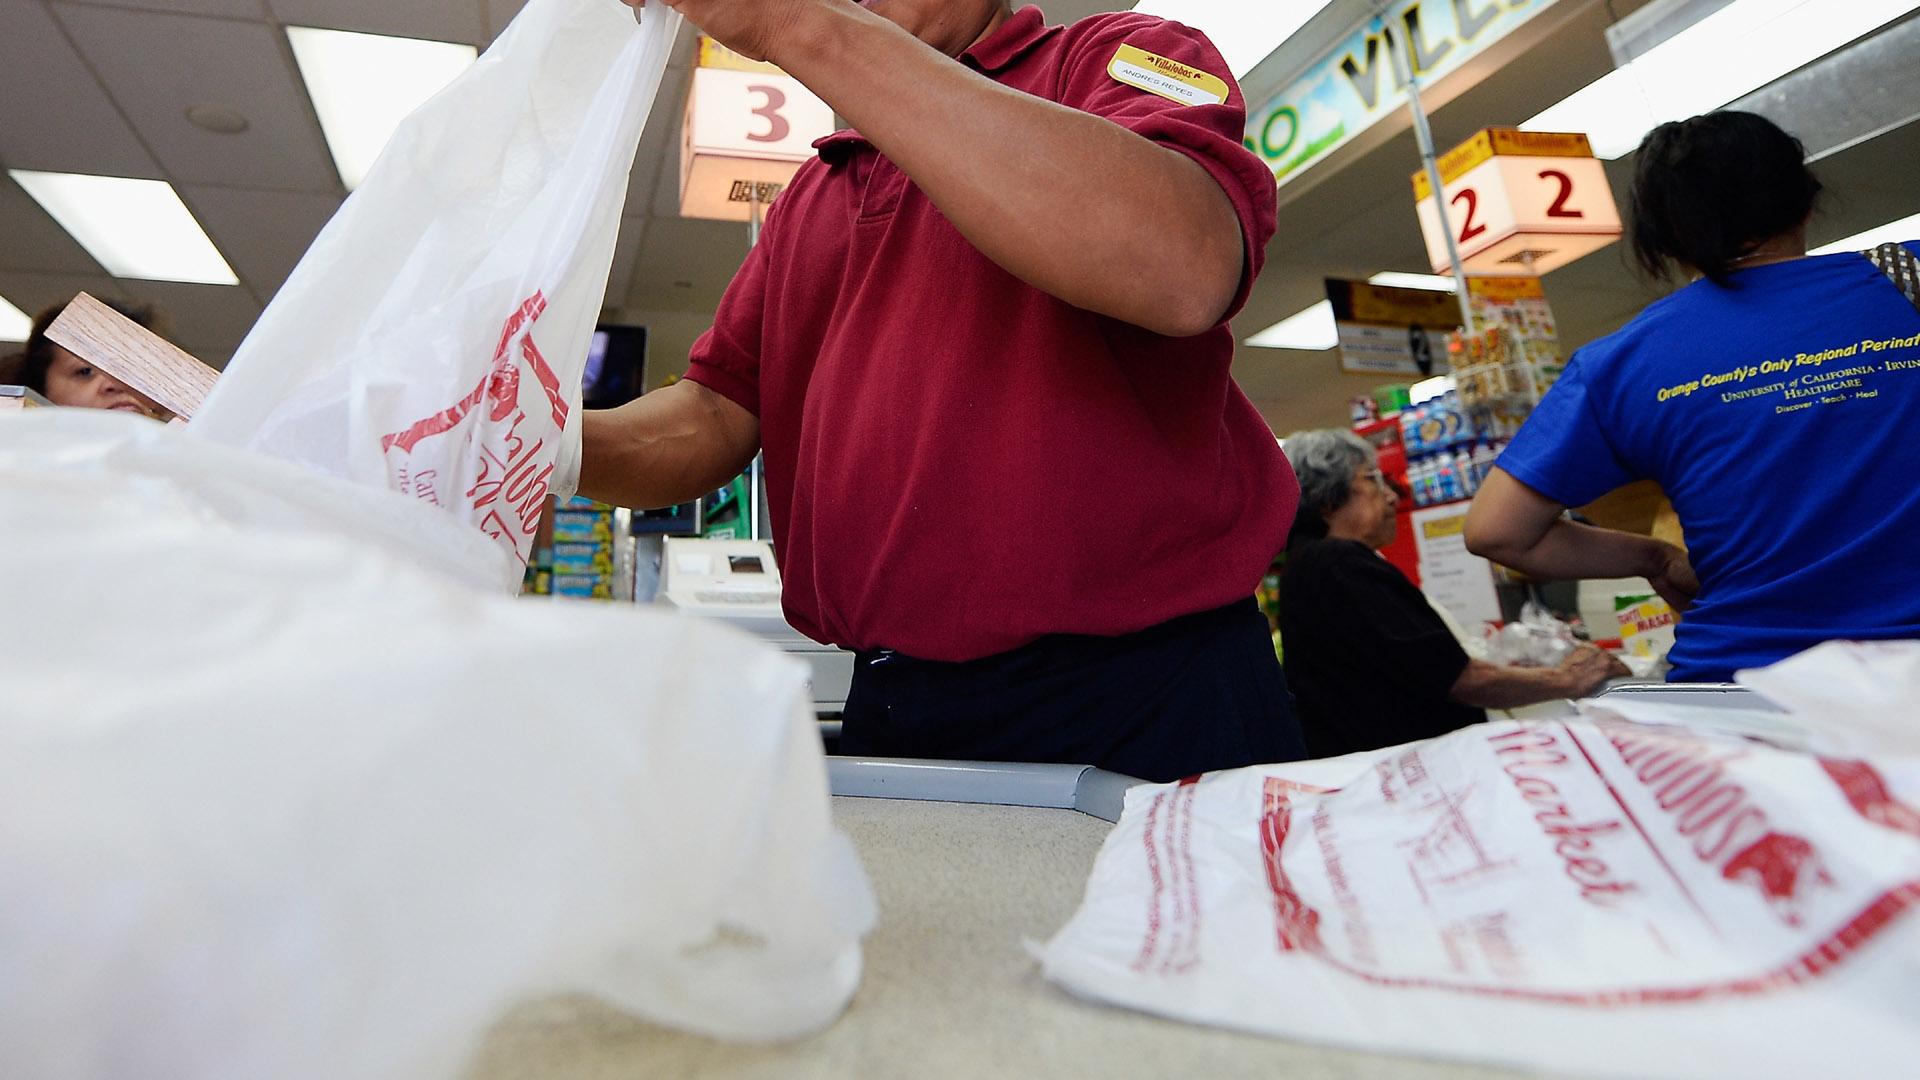 California Plastic Bag Ban04316653-159532